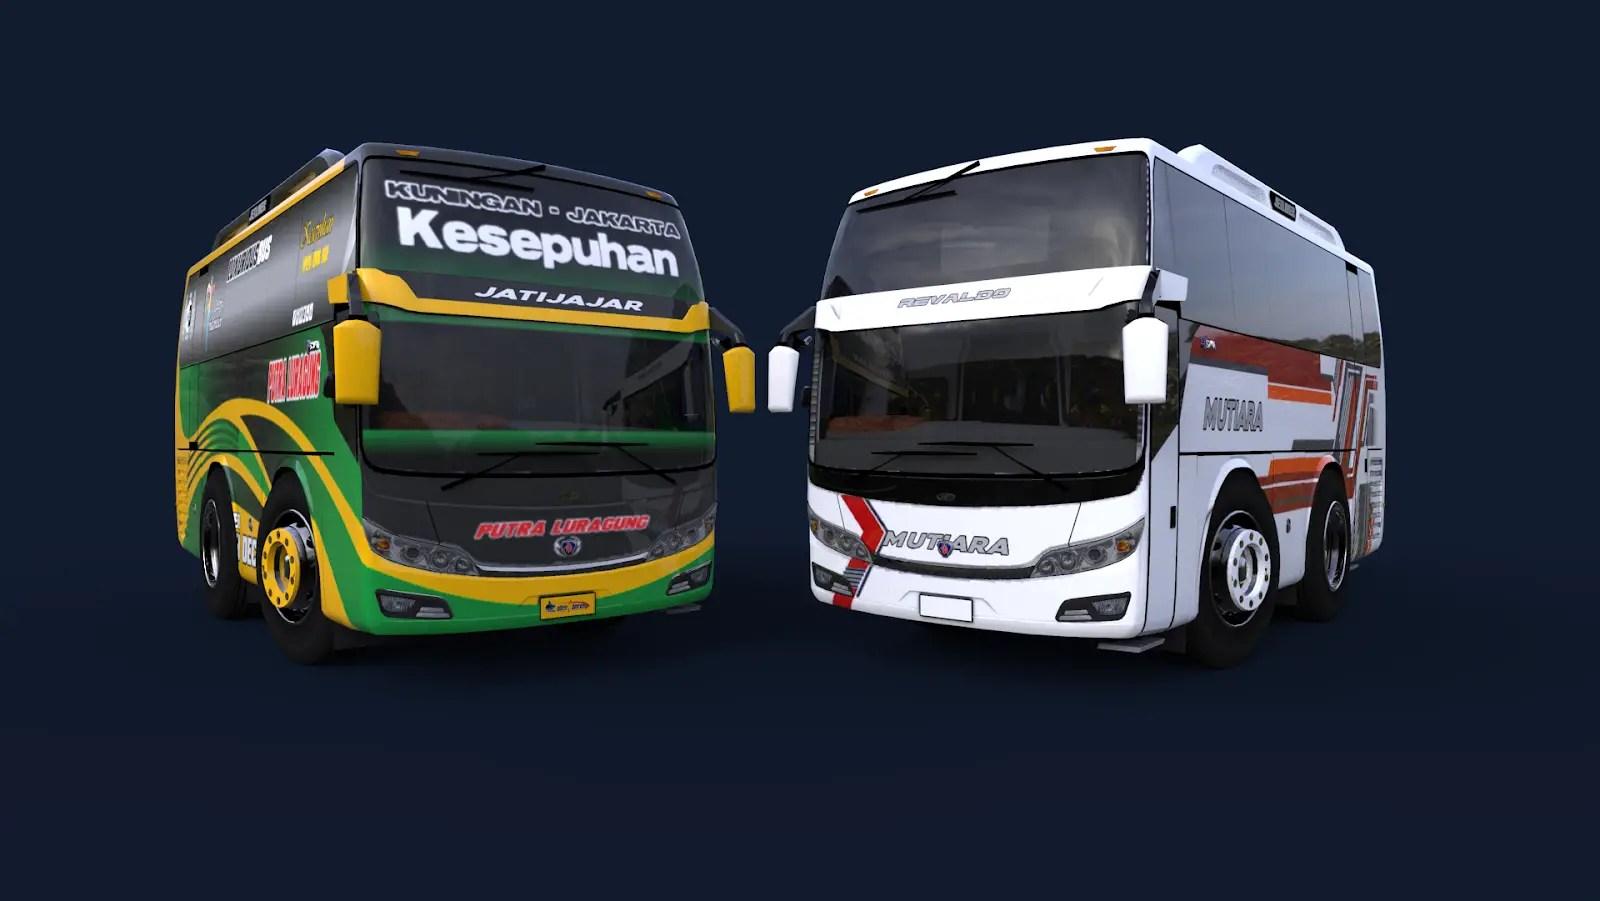 Download Jetliner edit Baby Bus Mod for Bus Simulator Indonesia, Jetliner edit Baby, BUSSID Bus Mod, BUSSID Vehicle Mod, Jetliner, Unity Mods, WSPMods